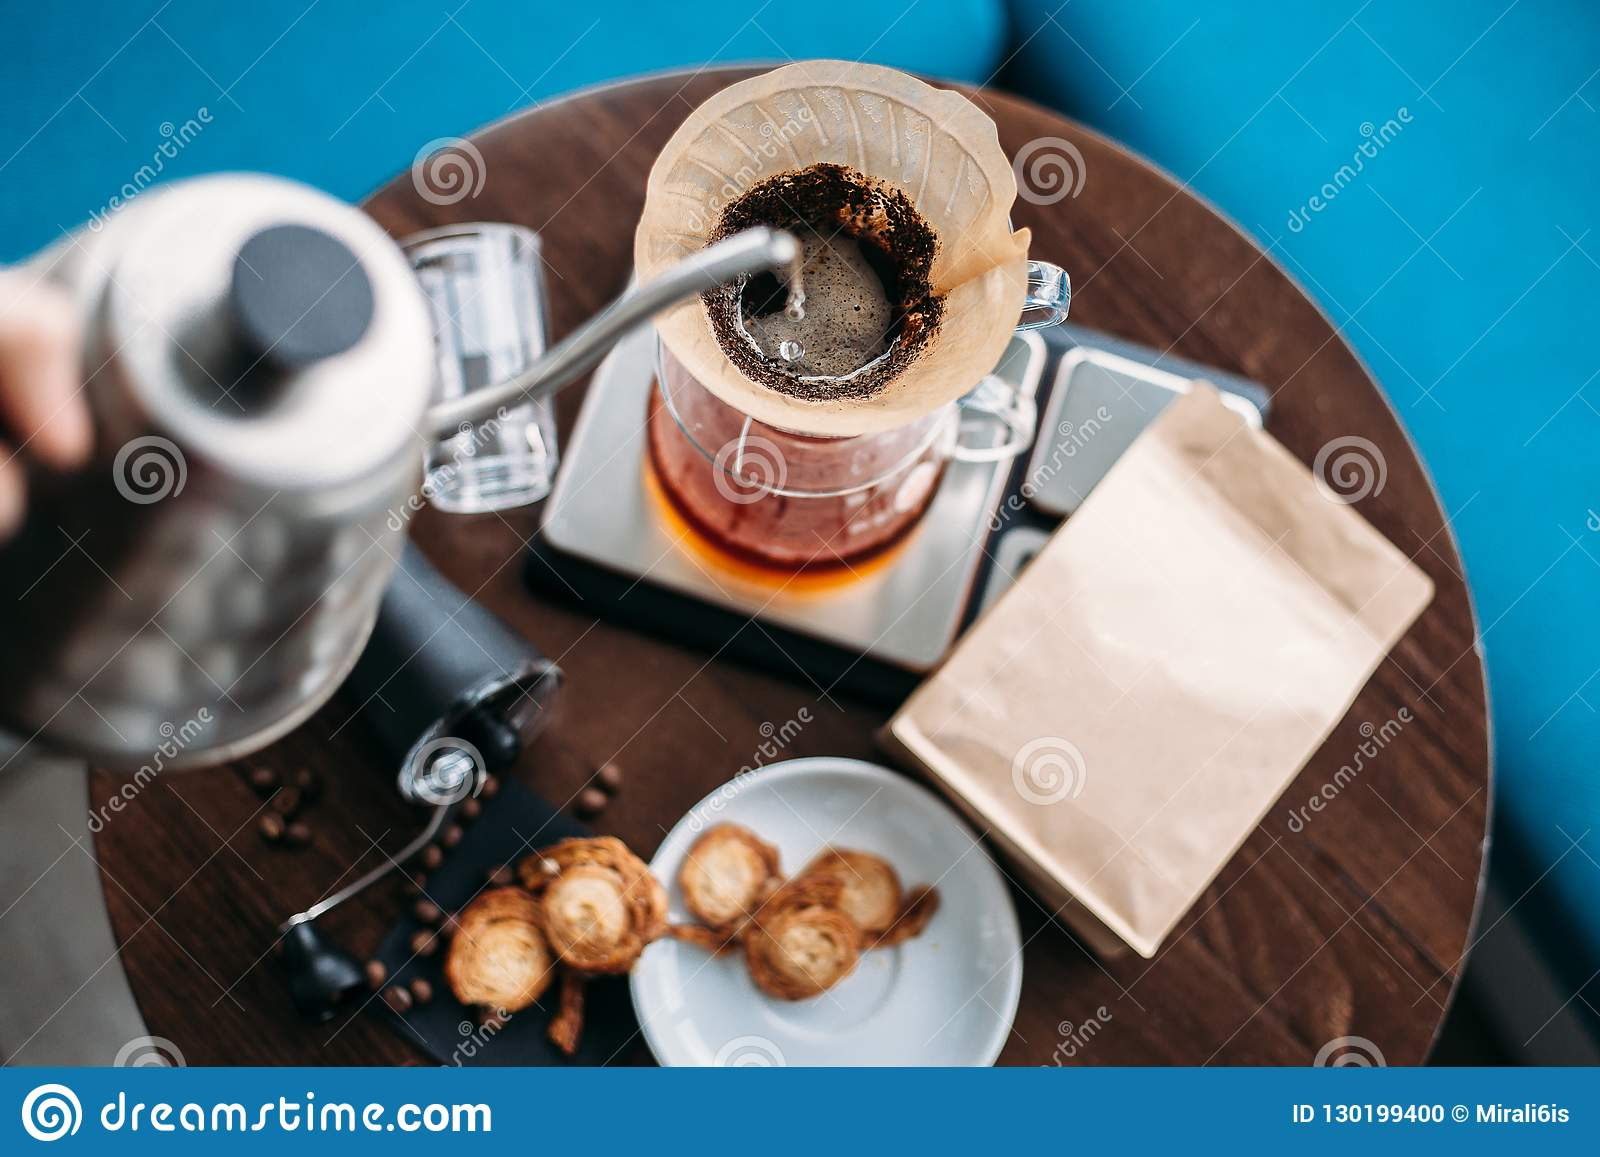 Entregue o café do gotejamento, água de derramamento de Barista na borra de café com fi